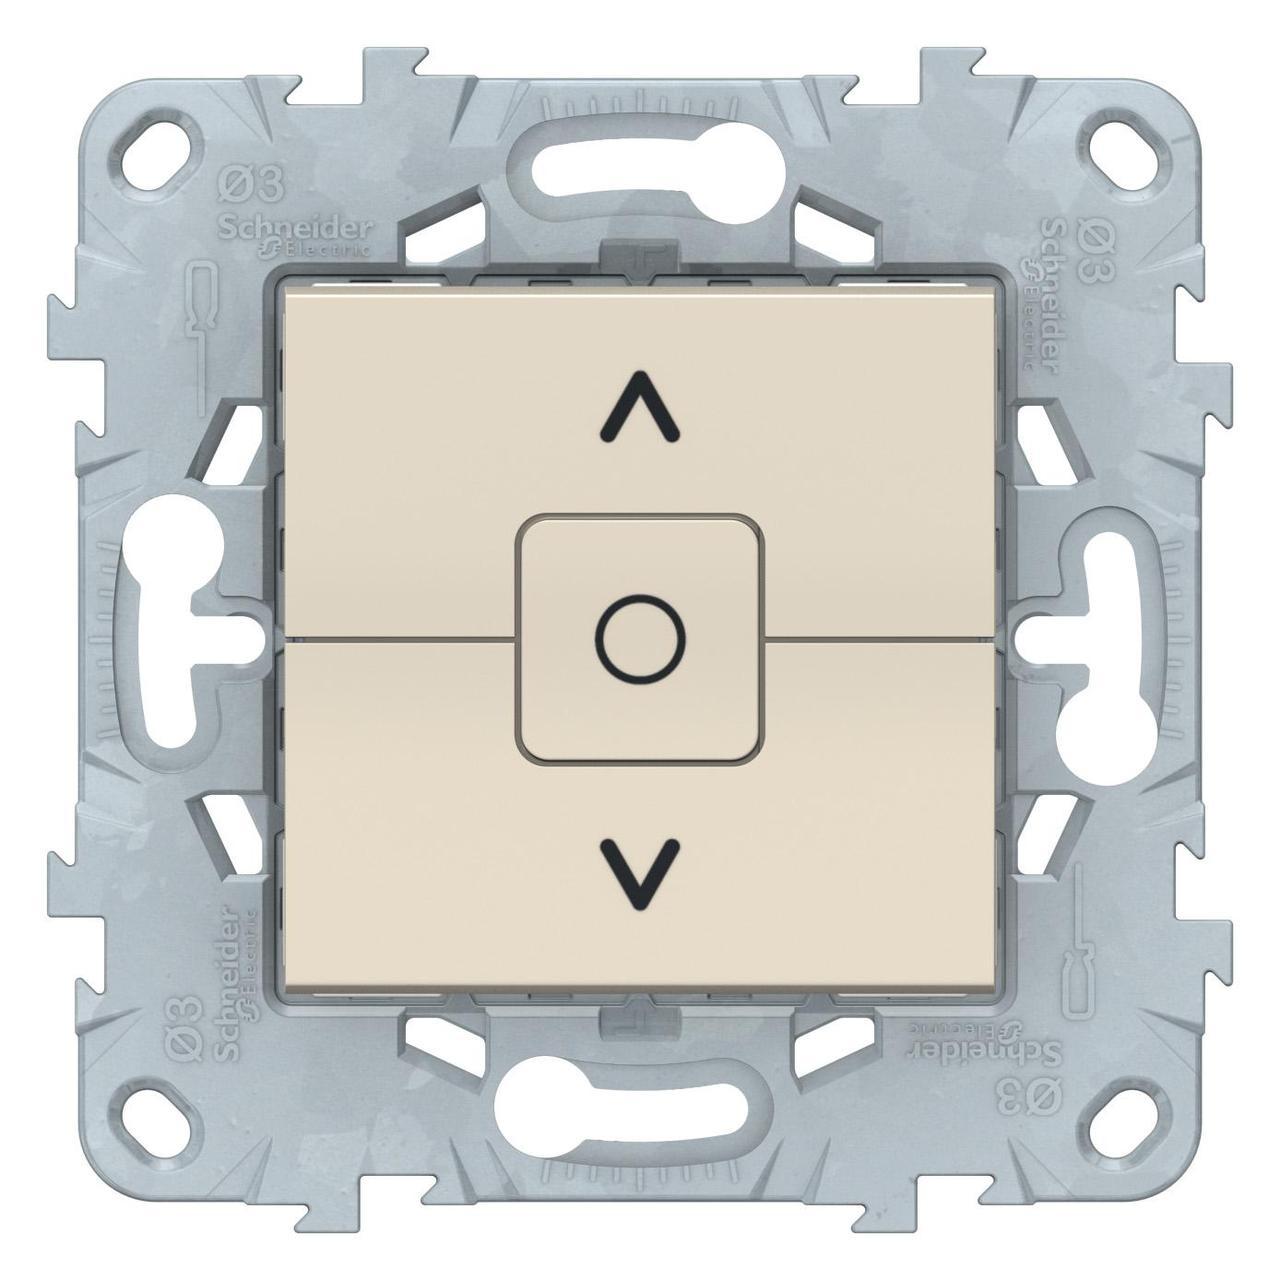 Выключатель для жалюзи (рольставней) с фиксацией , Бежевый, серия Unica New, Schneider Electric